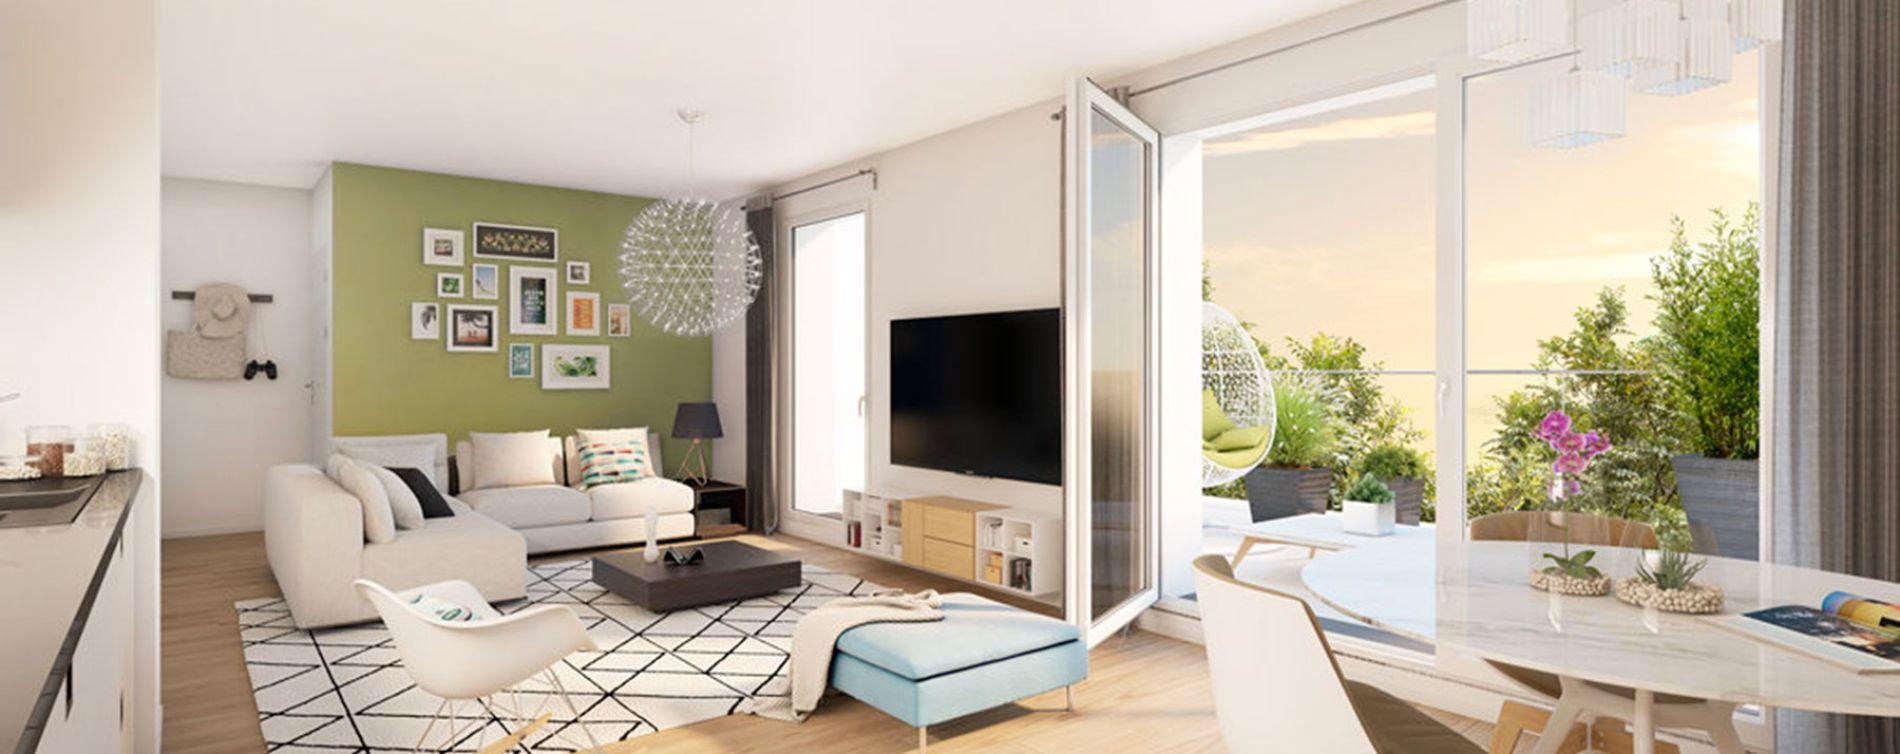 Morangis : programme immobilier neuve « L'Authentique » (2)